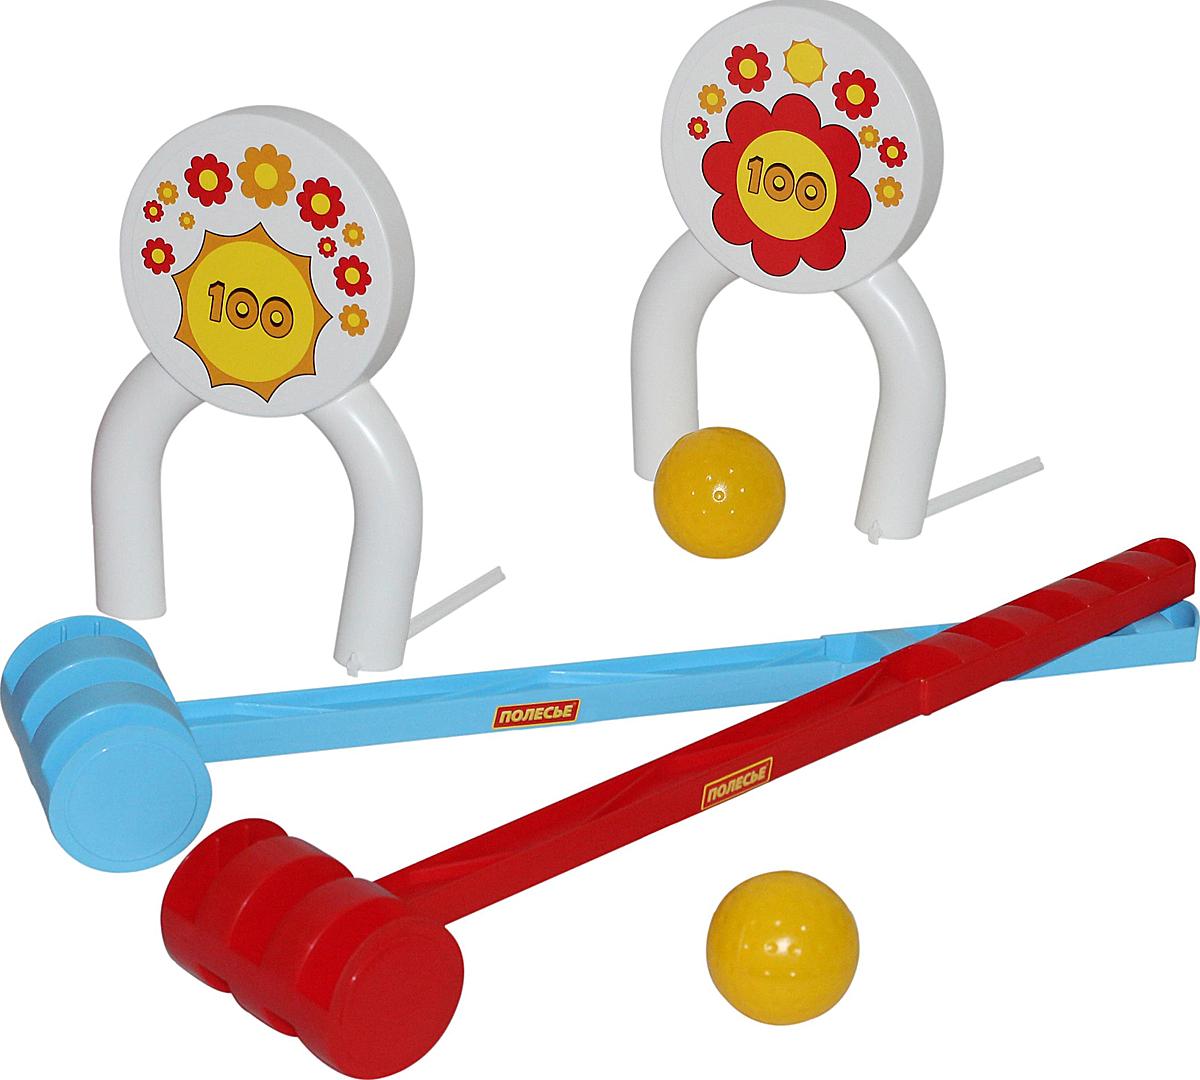 Полесье Игровой набор Крокет, цвет в ассортименте игровой набор gonher ковбойский набор револьвер пластмассовый на 8 пистонов звезда шерифа 204 0